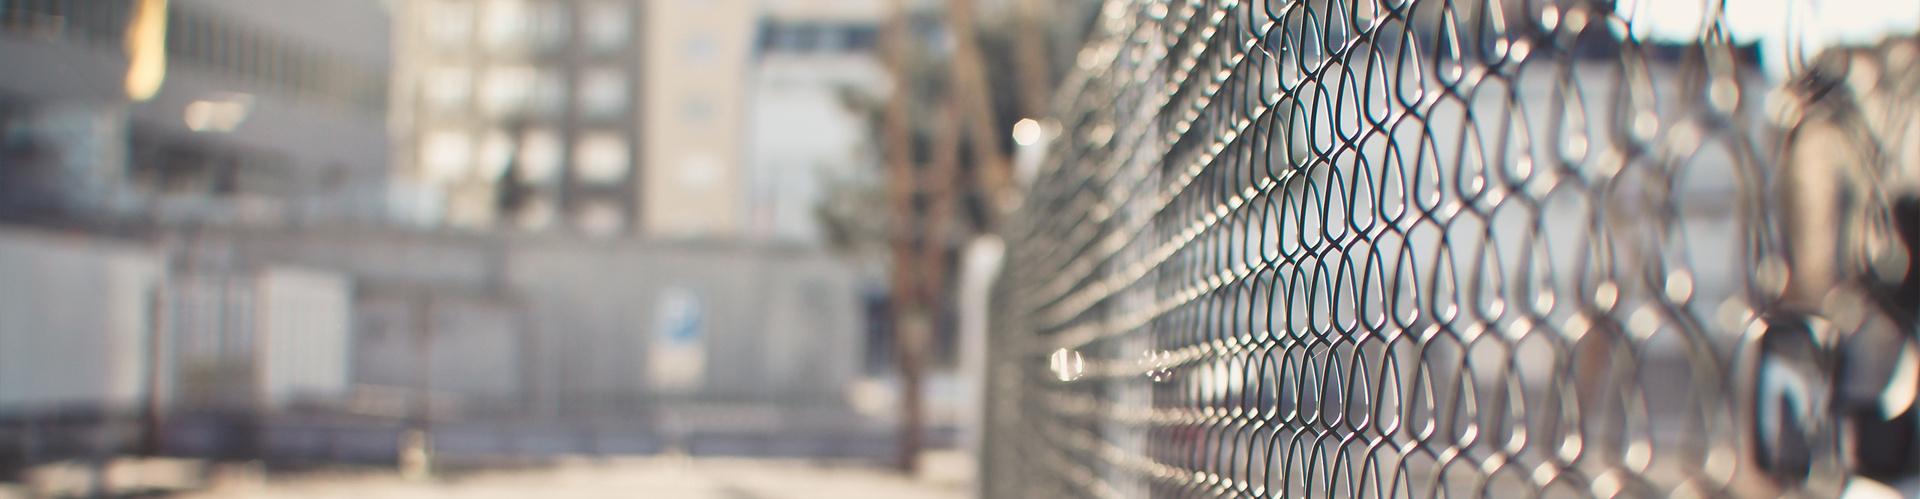 Слайдер - Забор из сетки рабицы